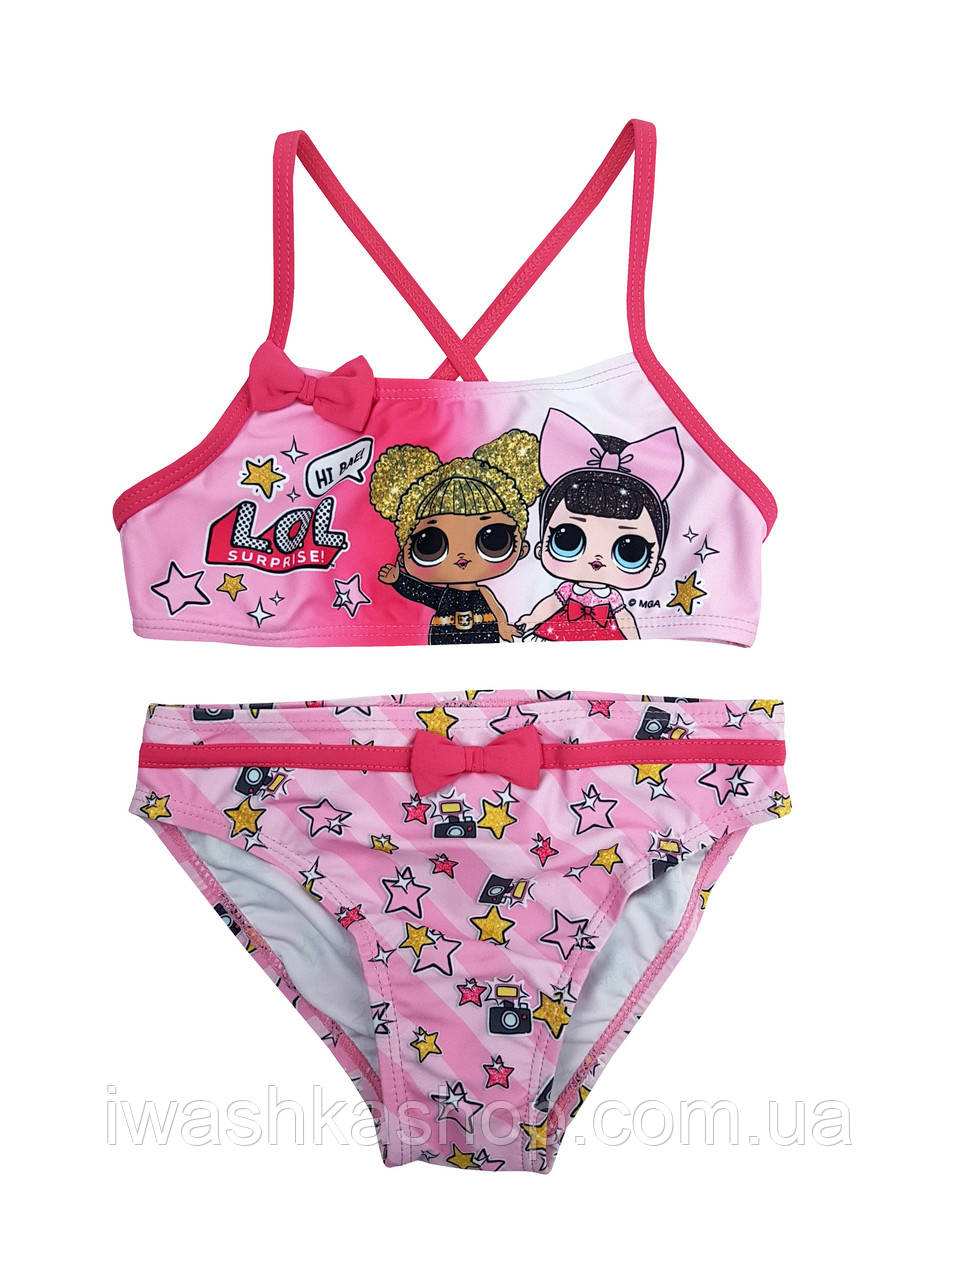 Стильный купальник, плавки и топ с куклами Лол, LOL на девочек 7 лет, р. 122, Sun City